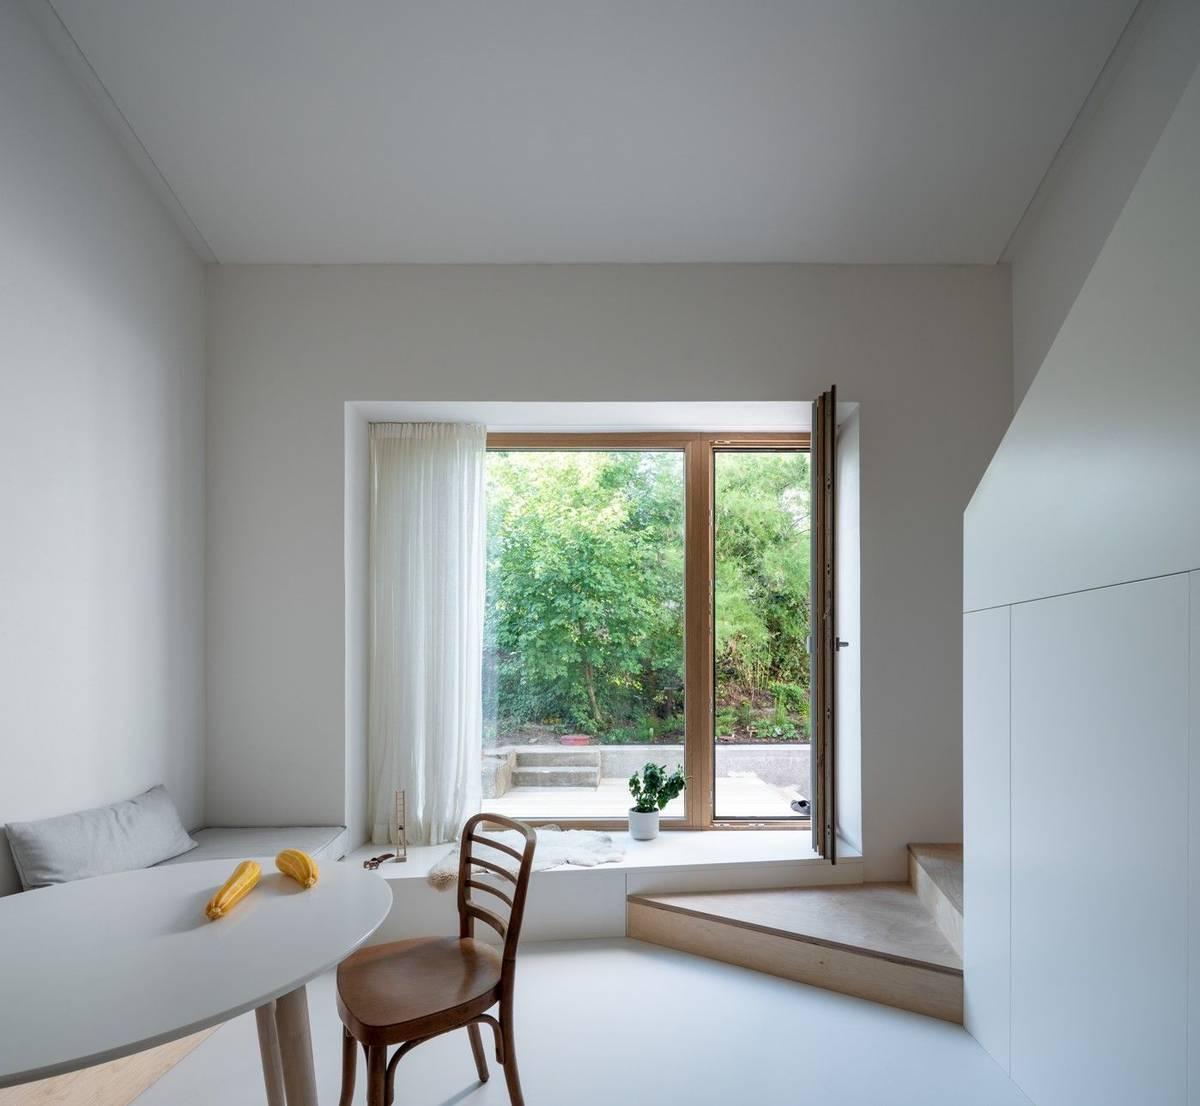 """""""Nejdříve to vypadalo, že ani nemá vplánu v domě bydlet. Ale projekt zrál několik let, a když jsme započali rekonstrukci, náš klient se oženil, založil rodinu a rozhodl se nemovitost sám užívat,"""" vysvětlují autoři návrhu Markéta Zdebská a Marek Žáček ze studia BY architects."""